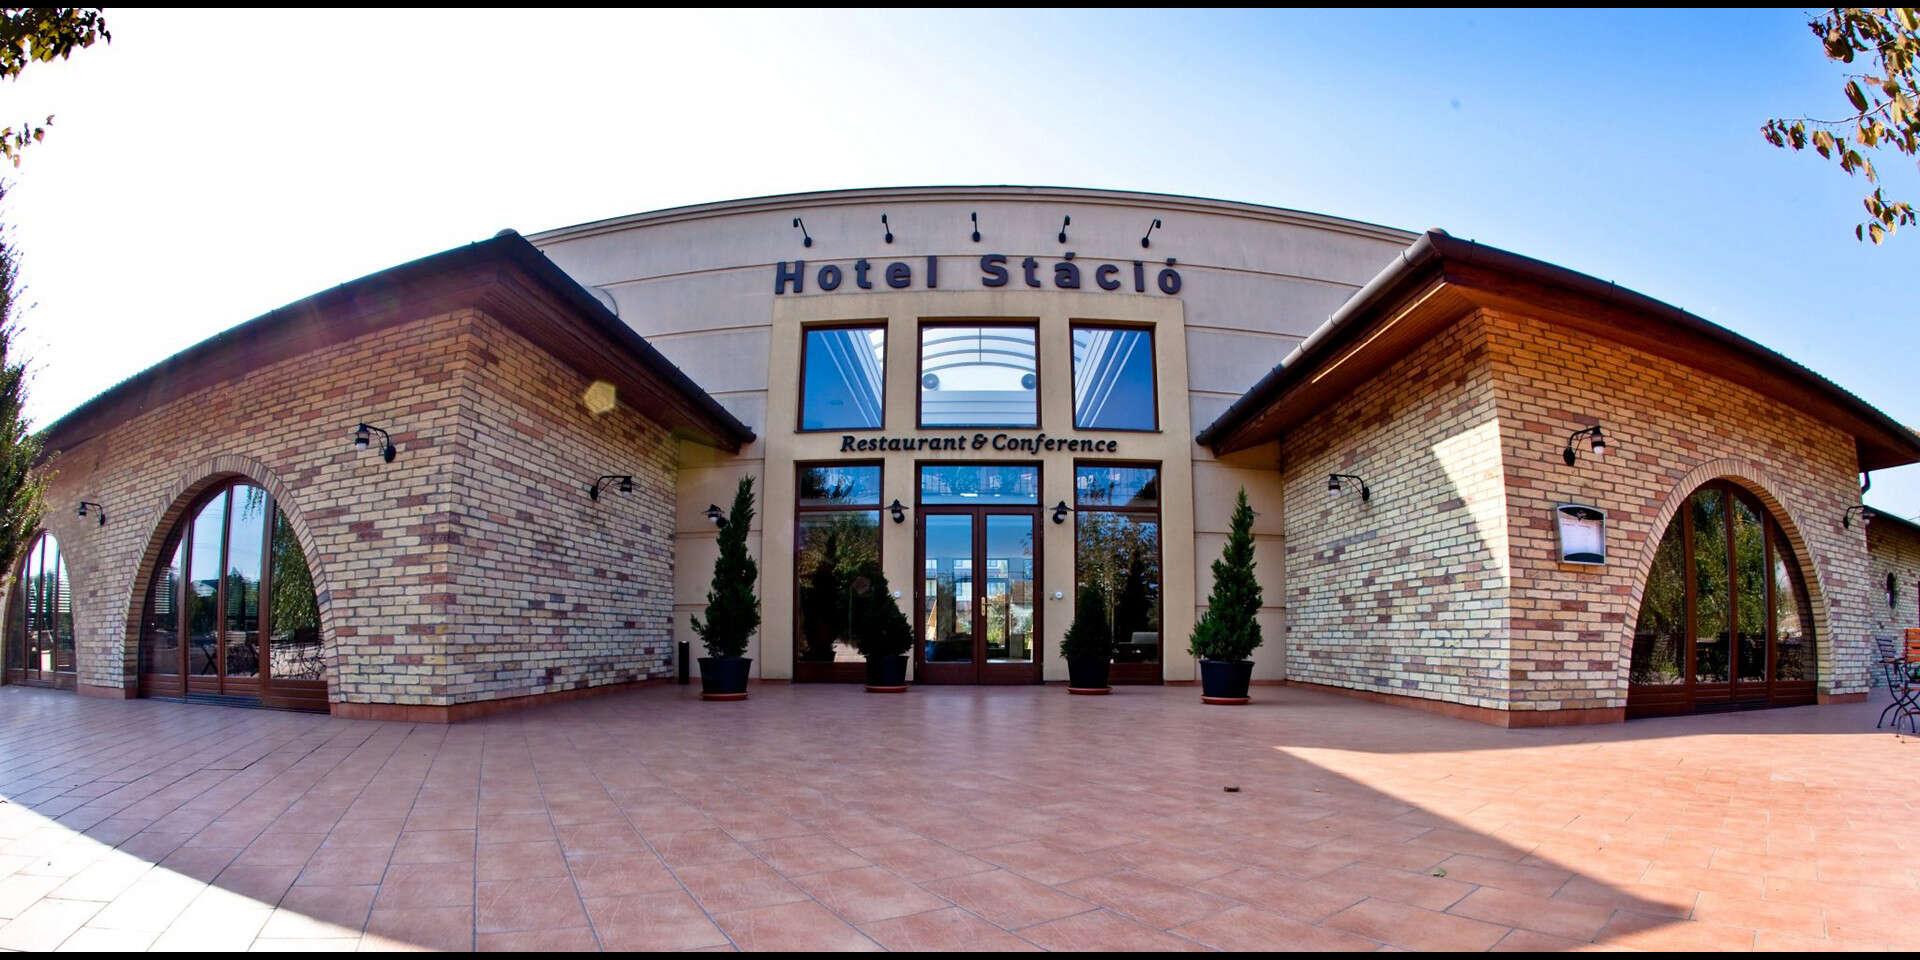 Maďarský Airport Hotel Stáció**** s atmosférou Toskánska, veľk...